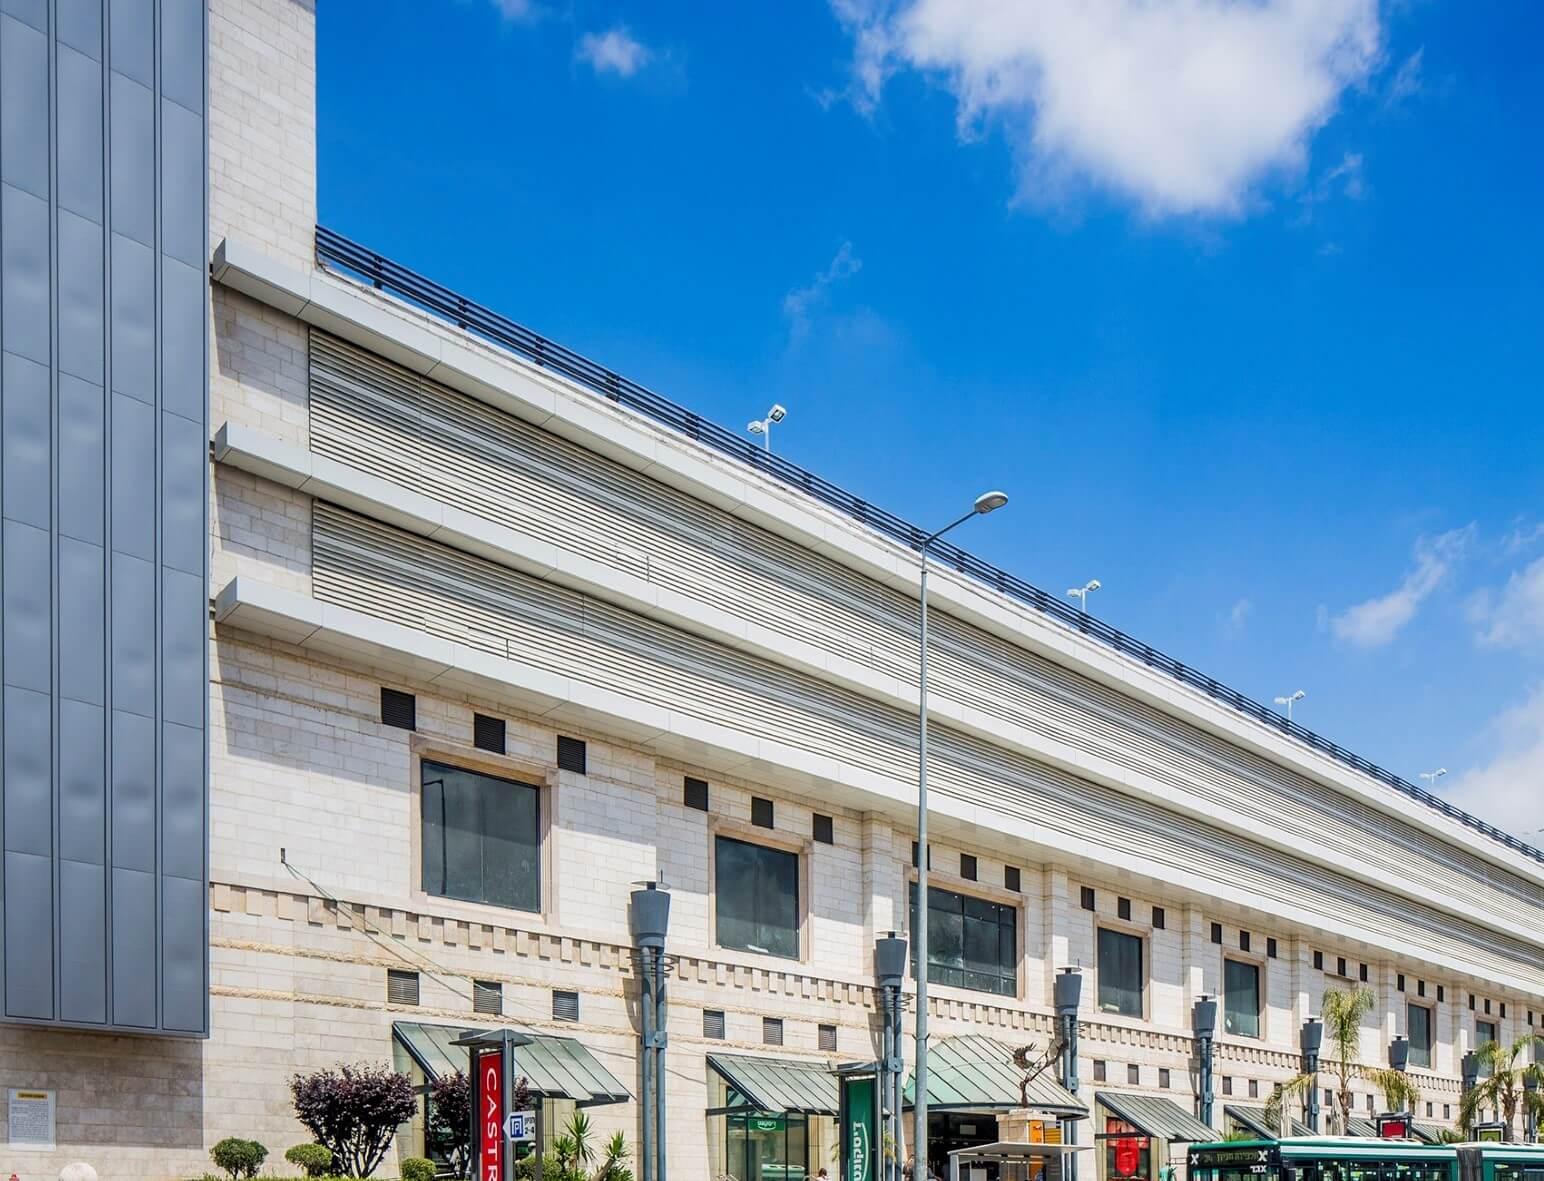 קניון הדר ירושלים בפרויקט חברתי: תורמים חבילות מזון. סקירה דוסיז צרכנות